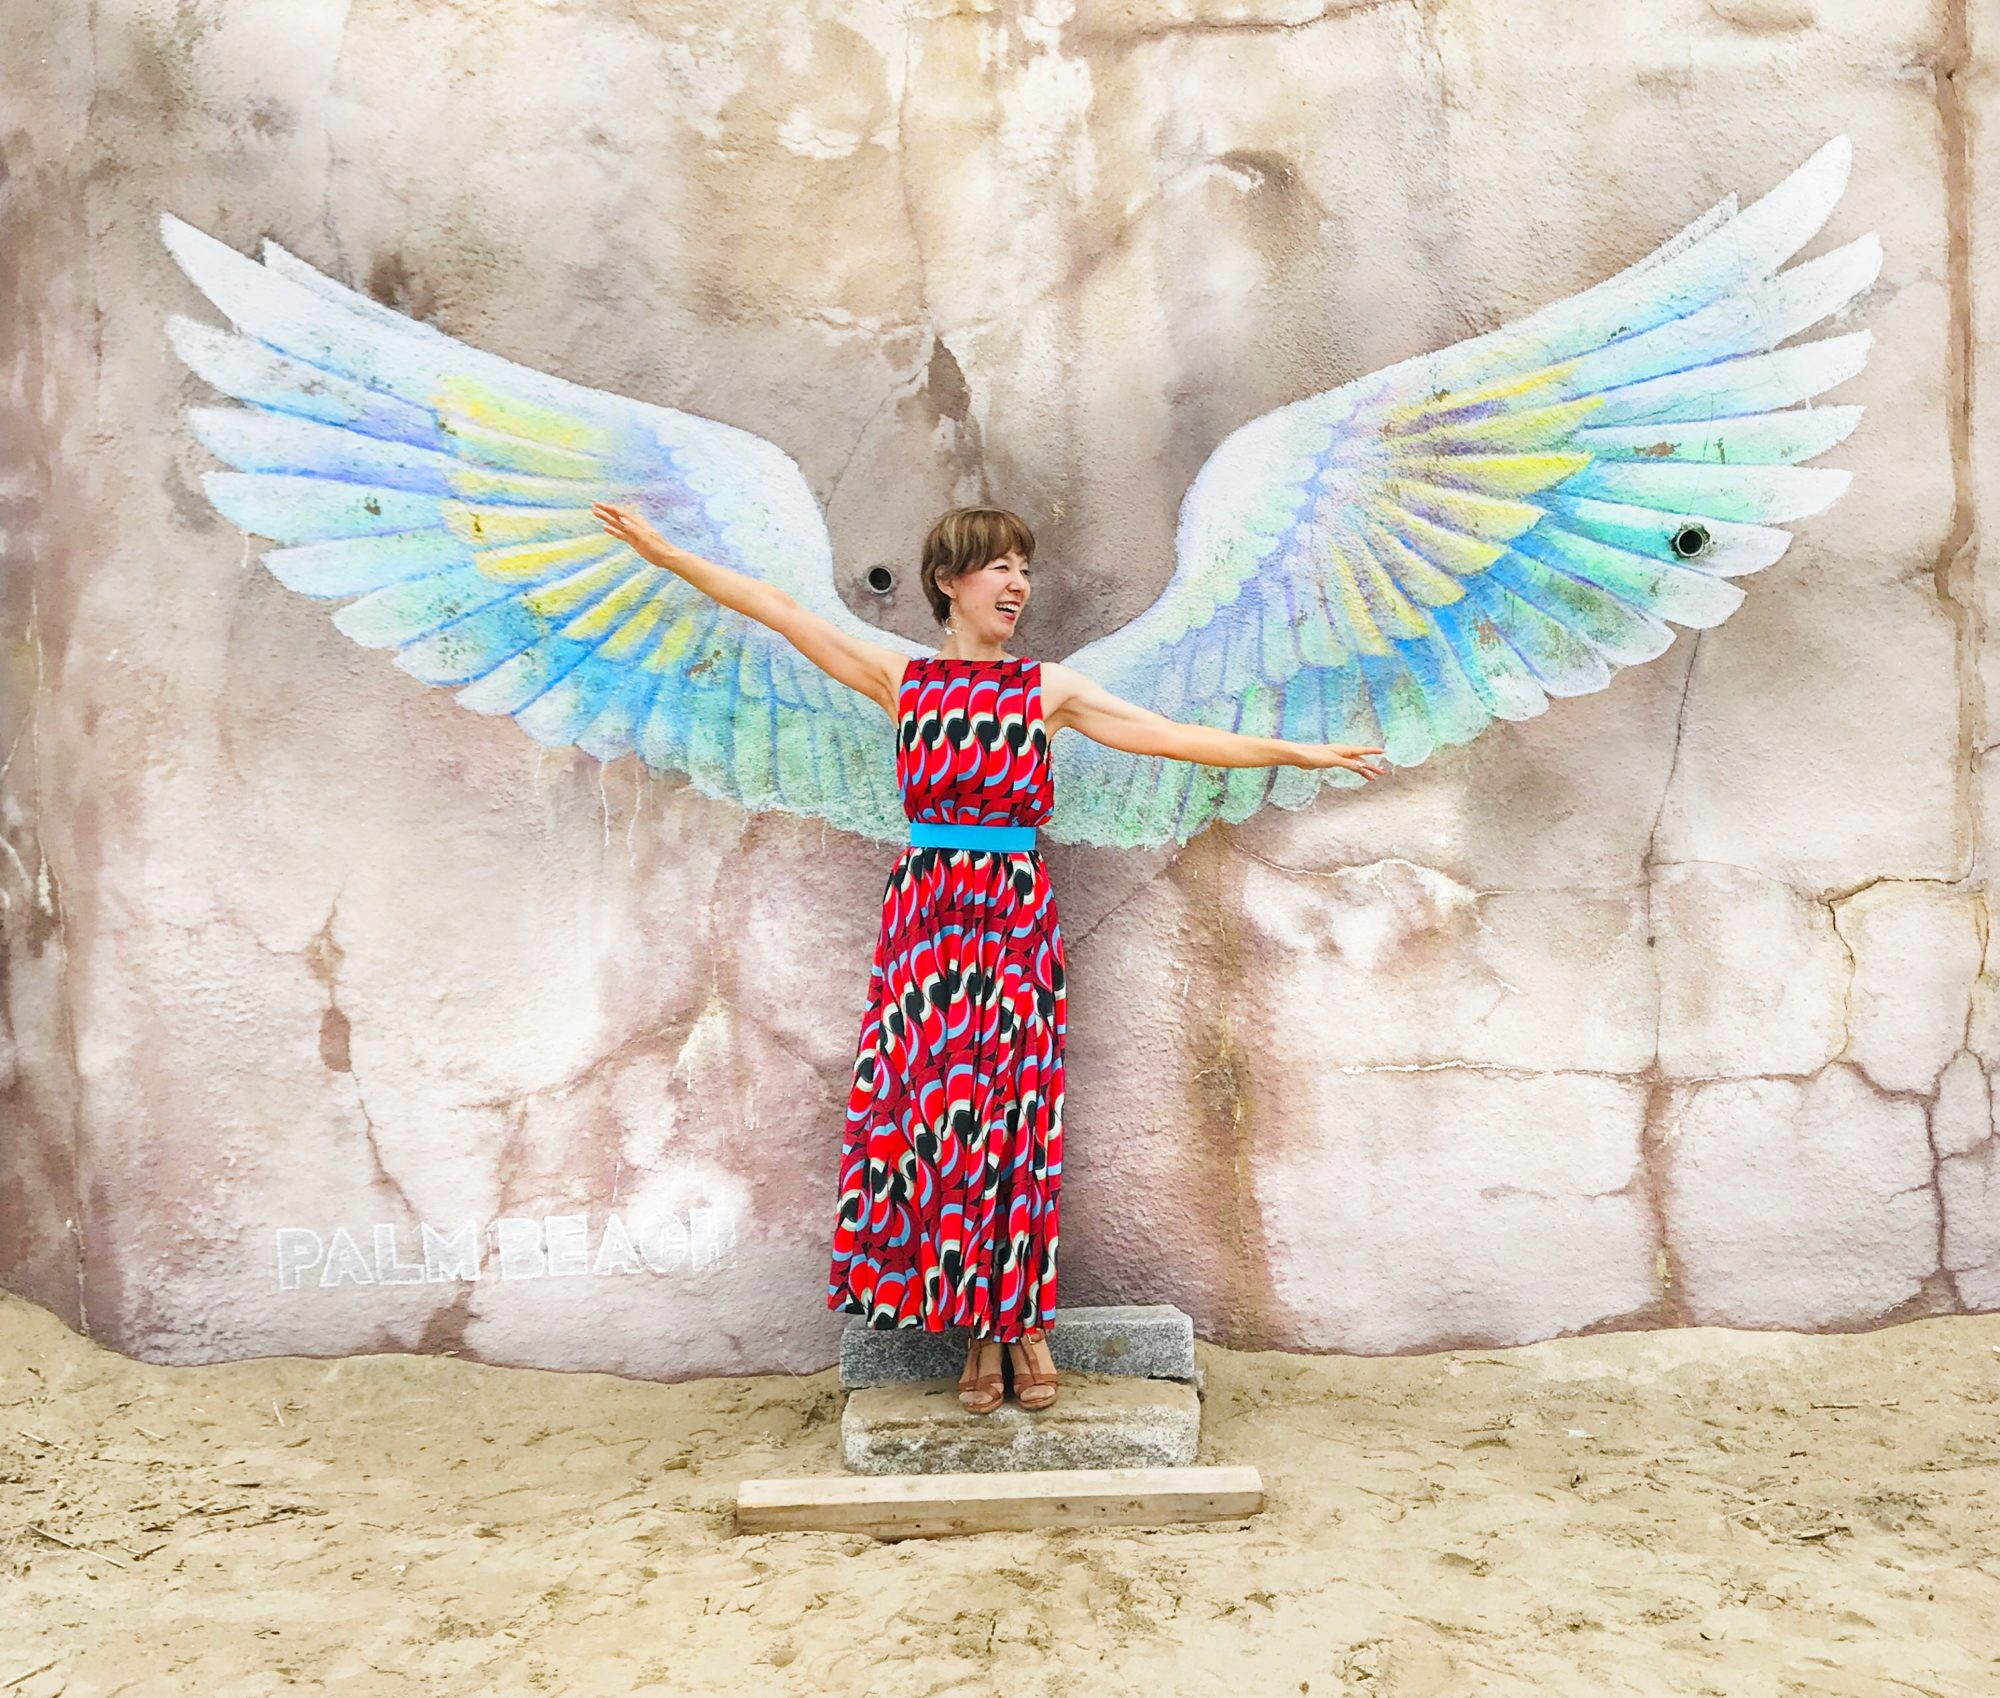 夢を叶えるファッションメンタリスト 渡瀬美和(みわちん)